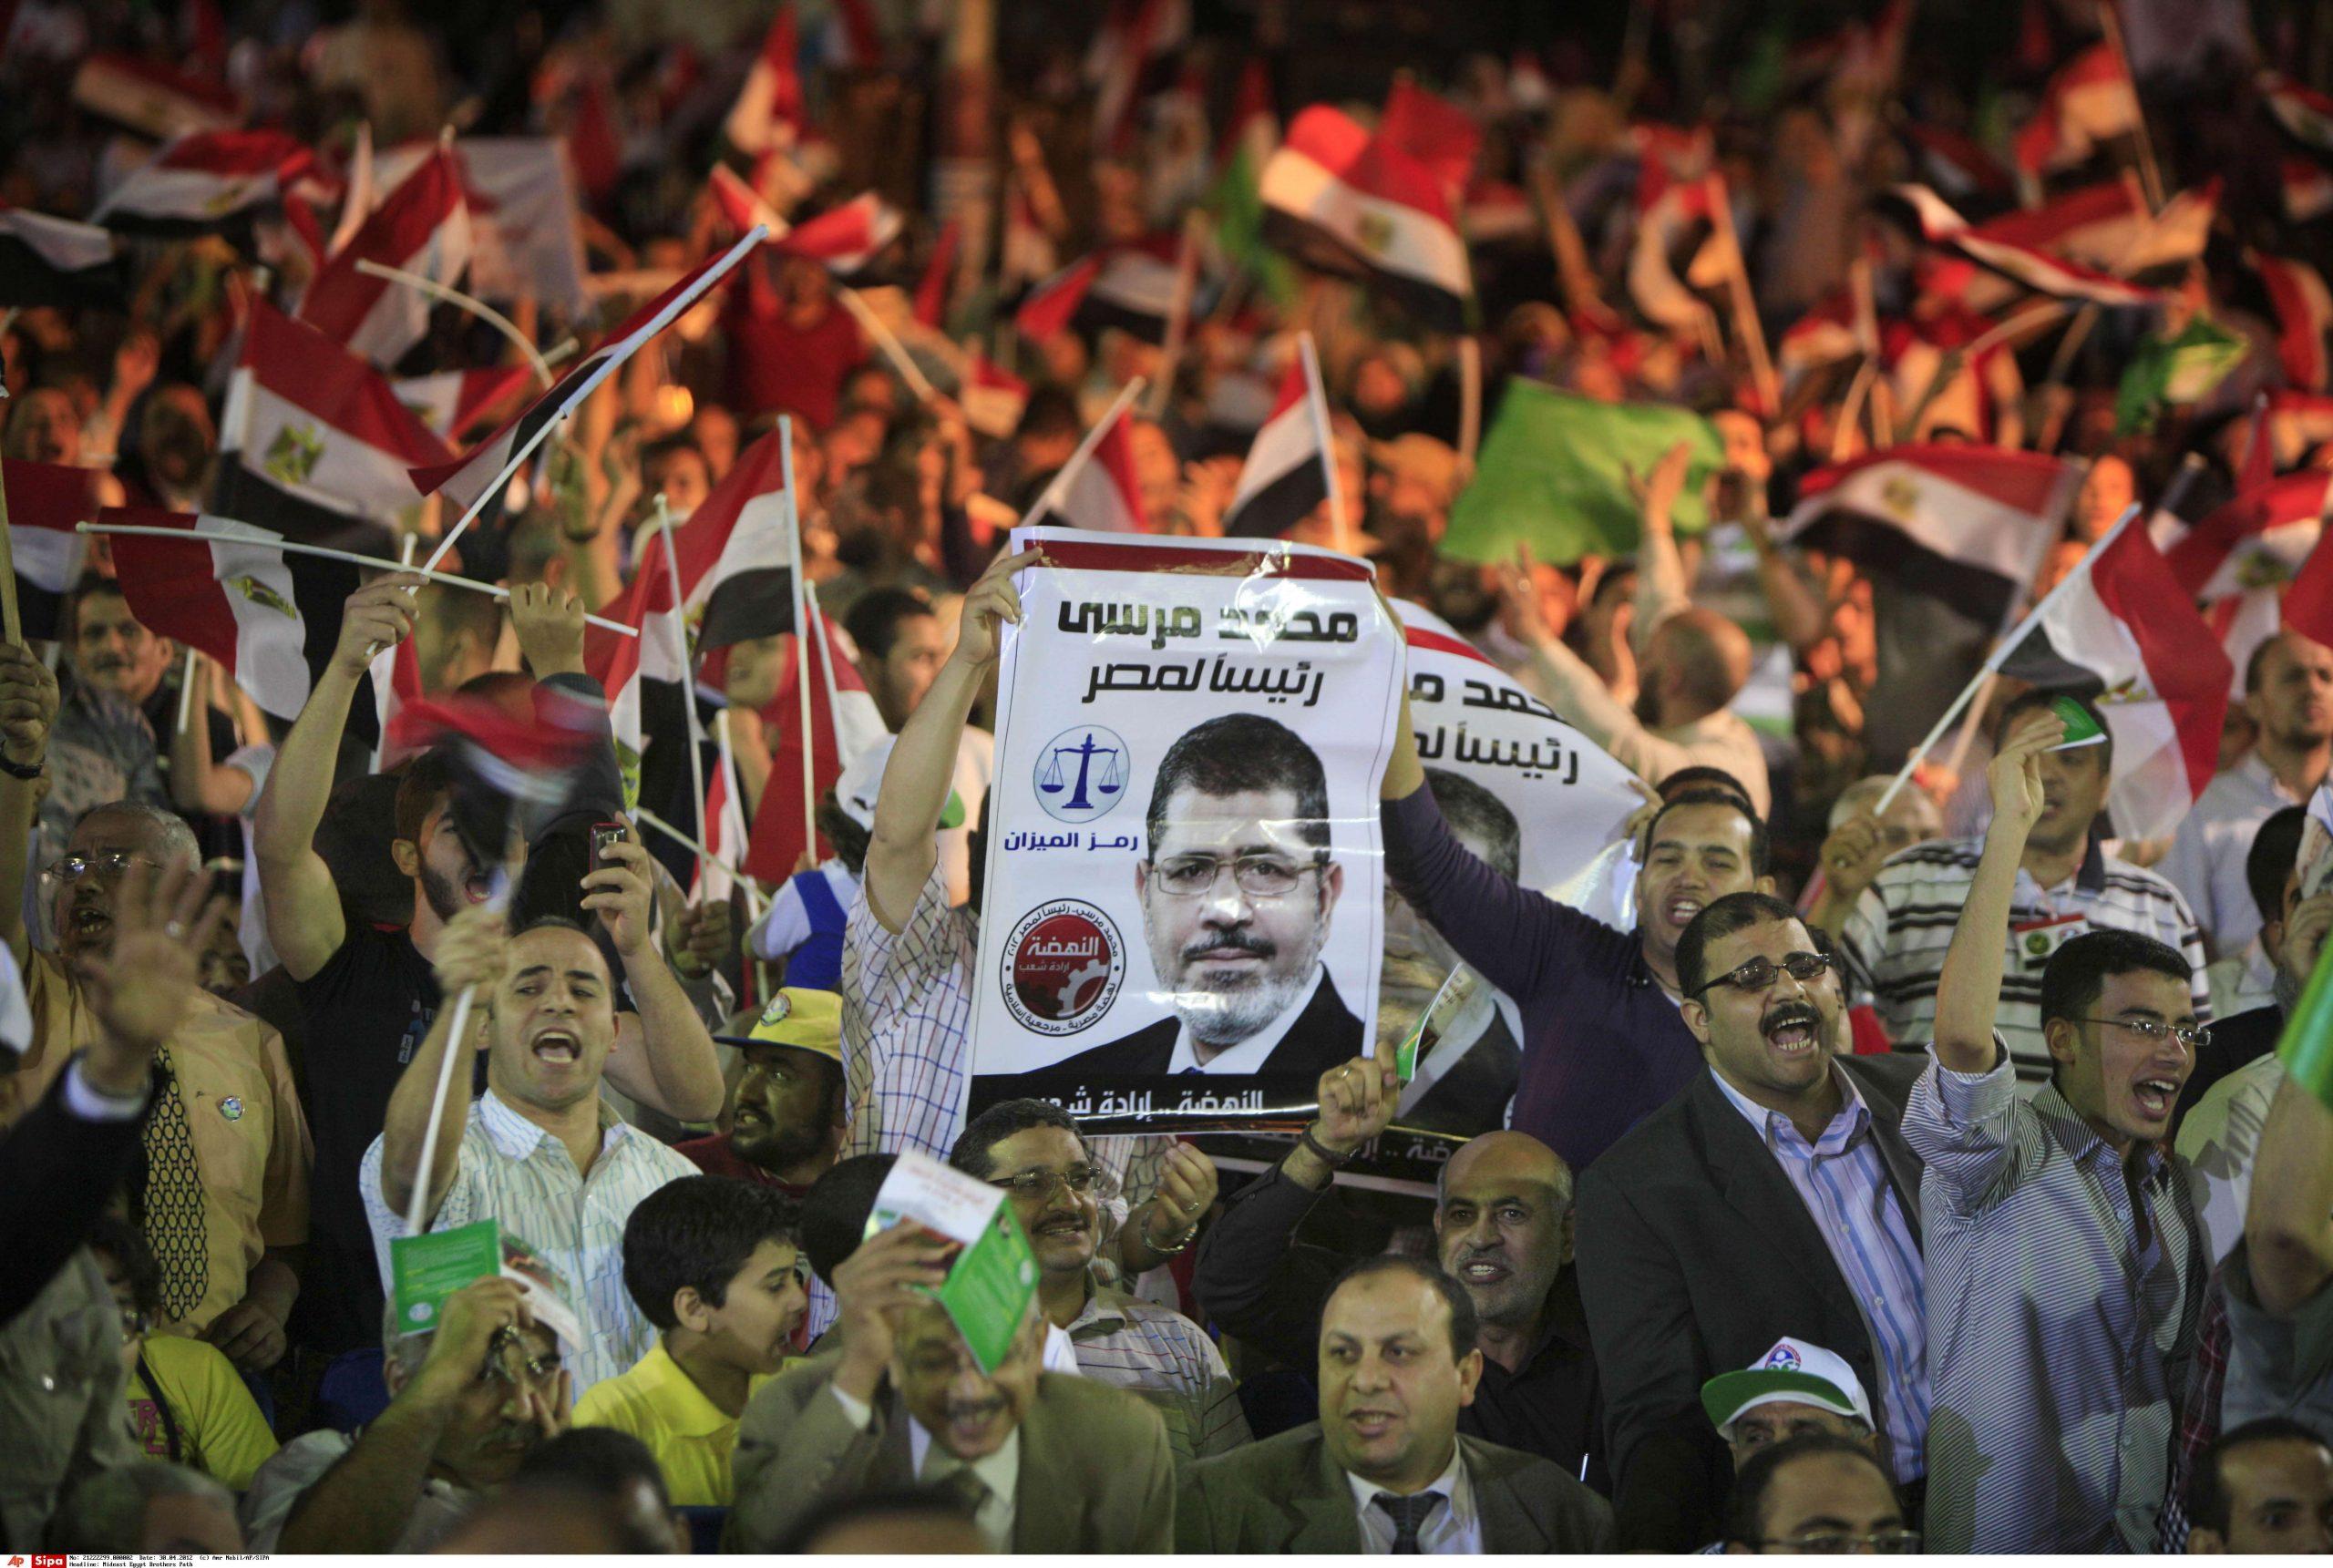 Des partisans de l'ancien président égyptien Mohamed Morsi, au Caire, le 30 avril 2012.